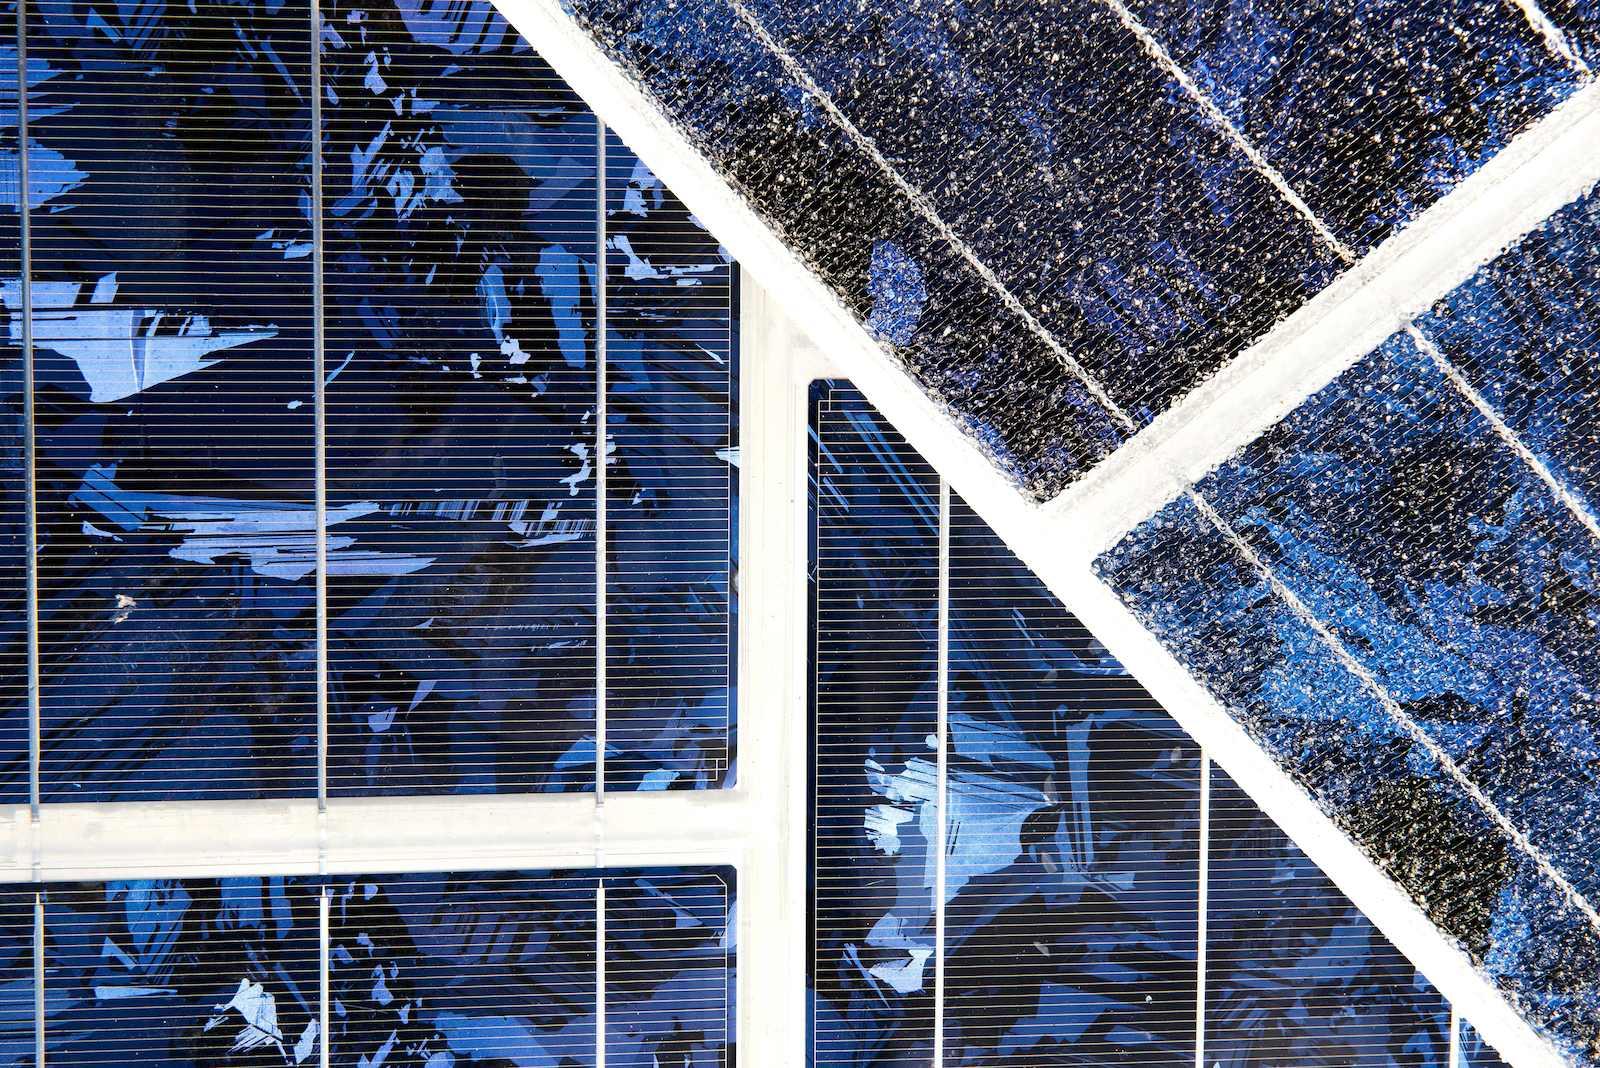 Die Solarmodule werdennicht mit einer Glasplatte abgedeckt. So bieten sie genug Reibung, um ein Rutschen der Fahrzeuge zu verhindern.